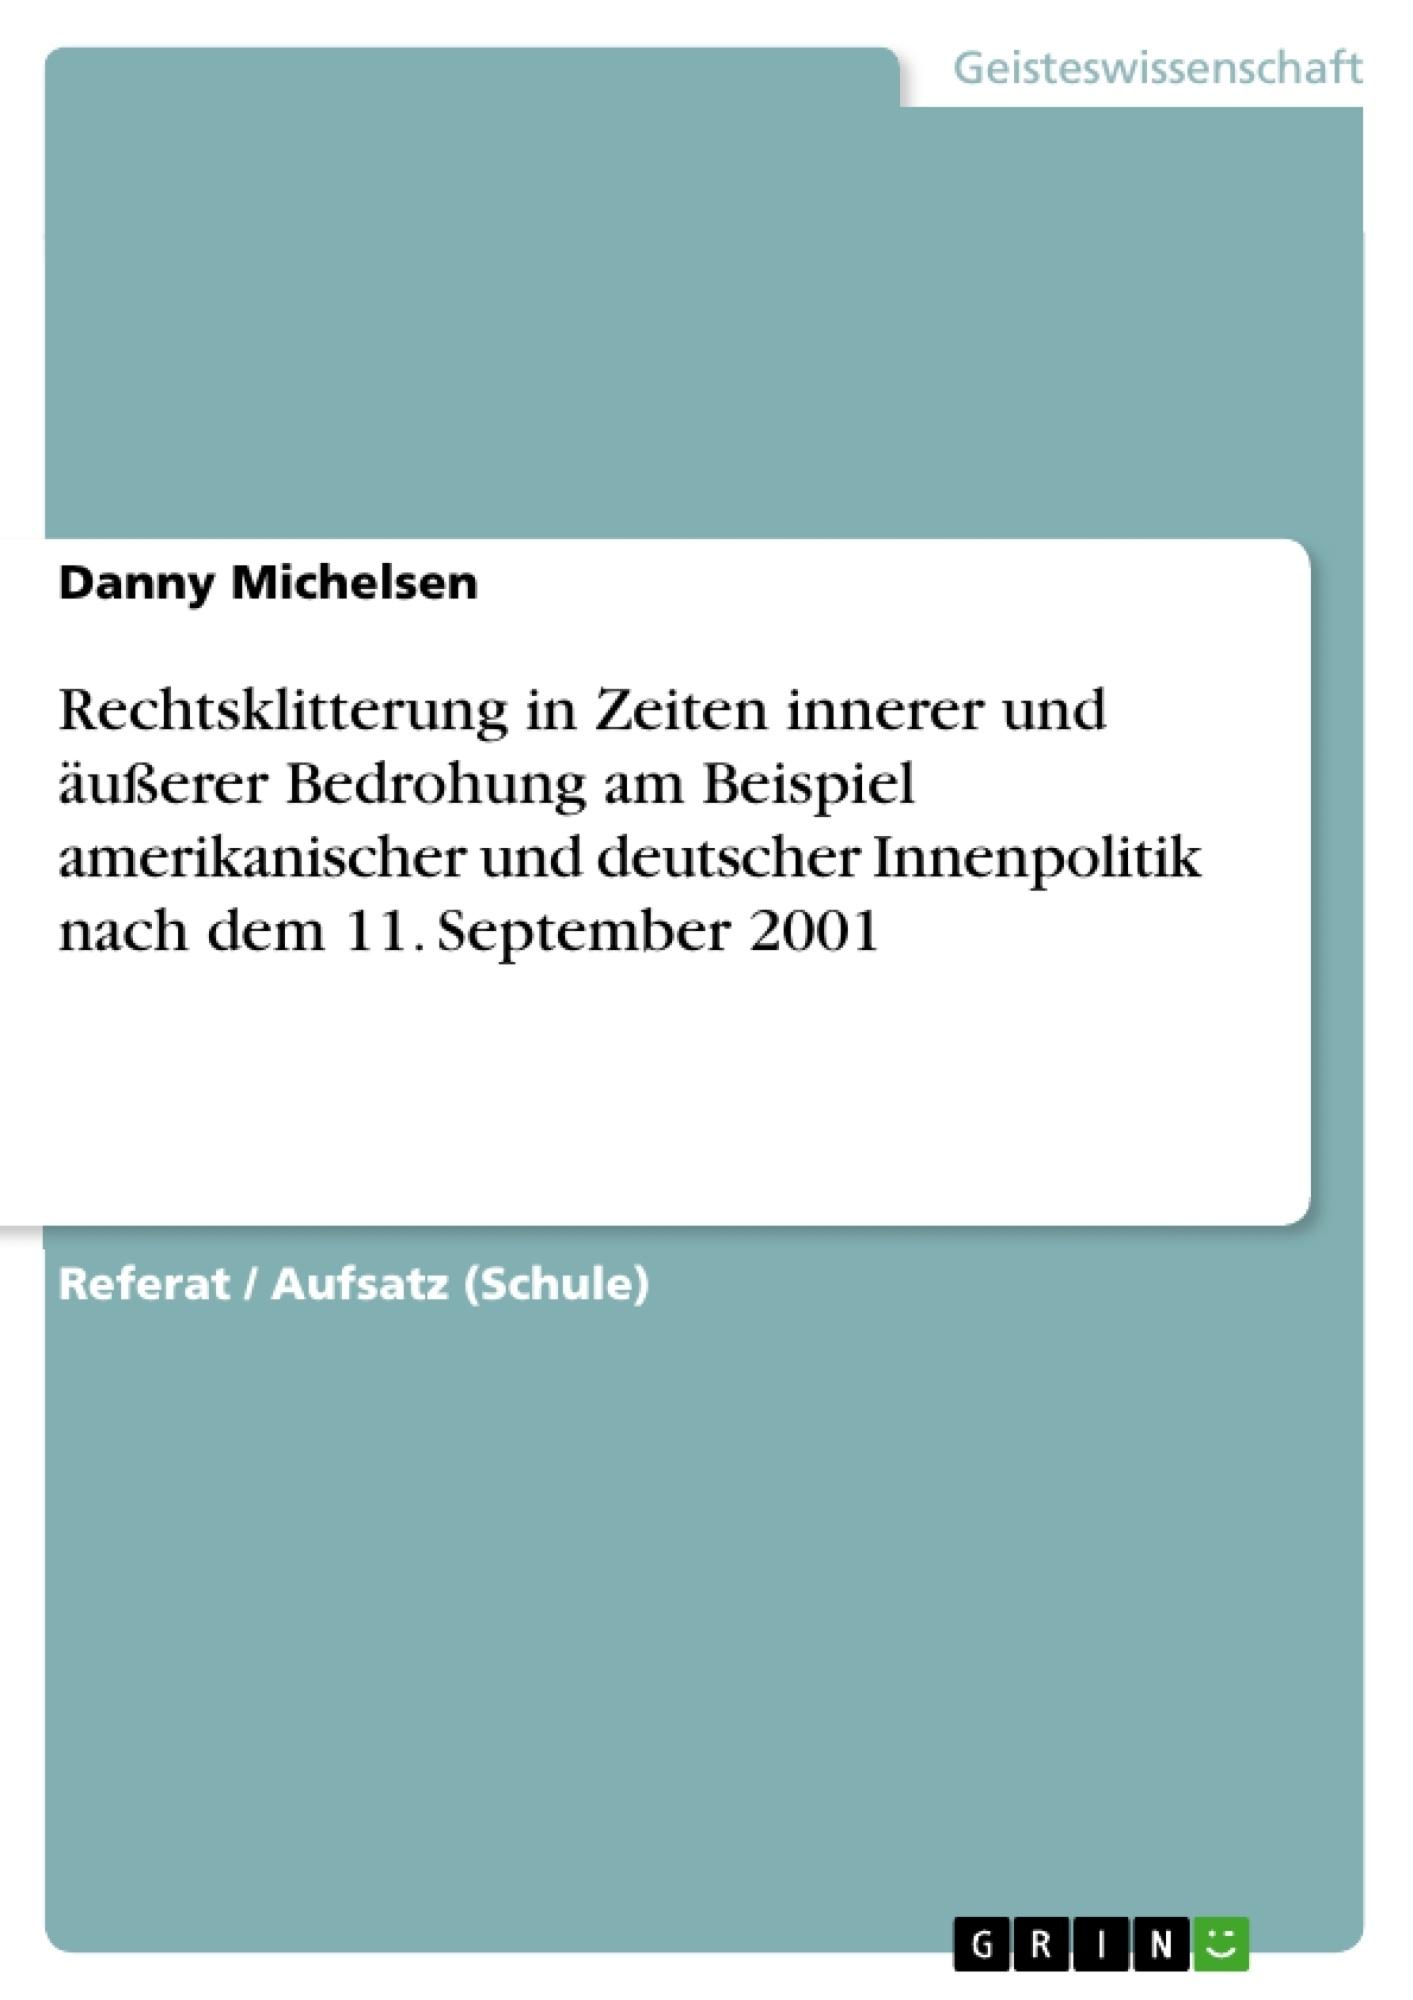 Titel: Rechtsklitterung in Zeiten innerer und äußerer Bedrohung am Beispiel amerikanischer und deutscher Innenpolitik nach dem 11. September 2001